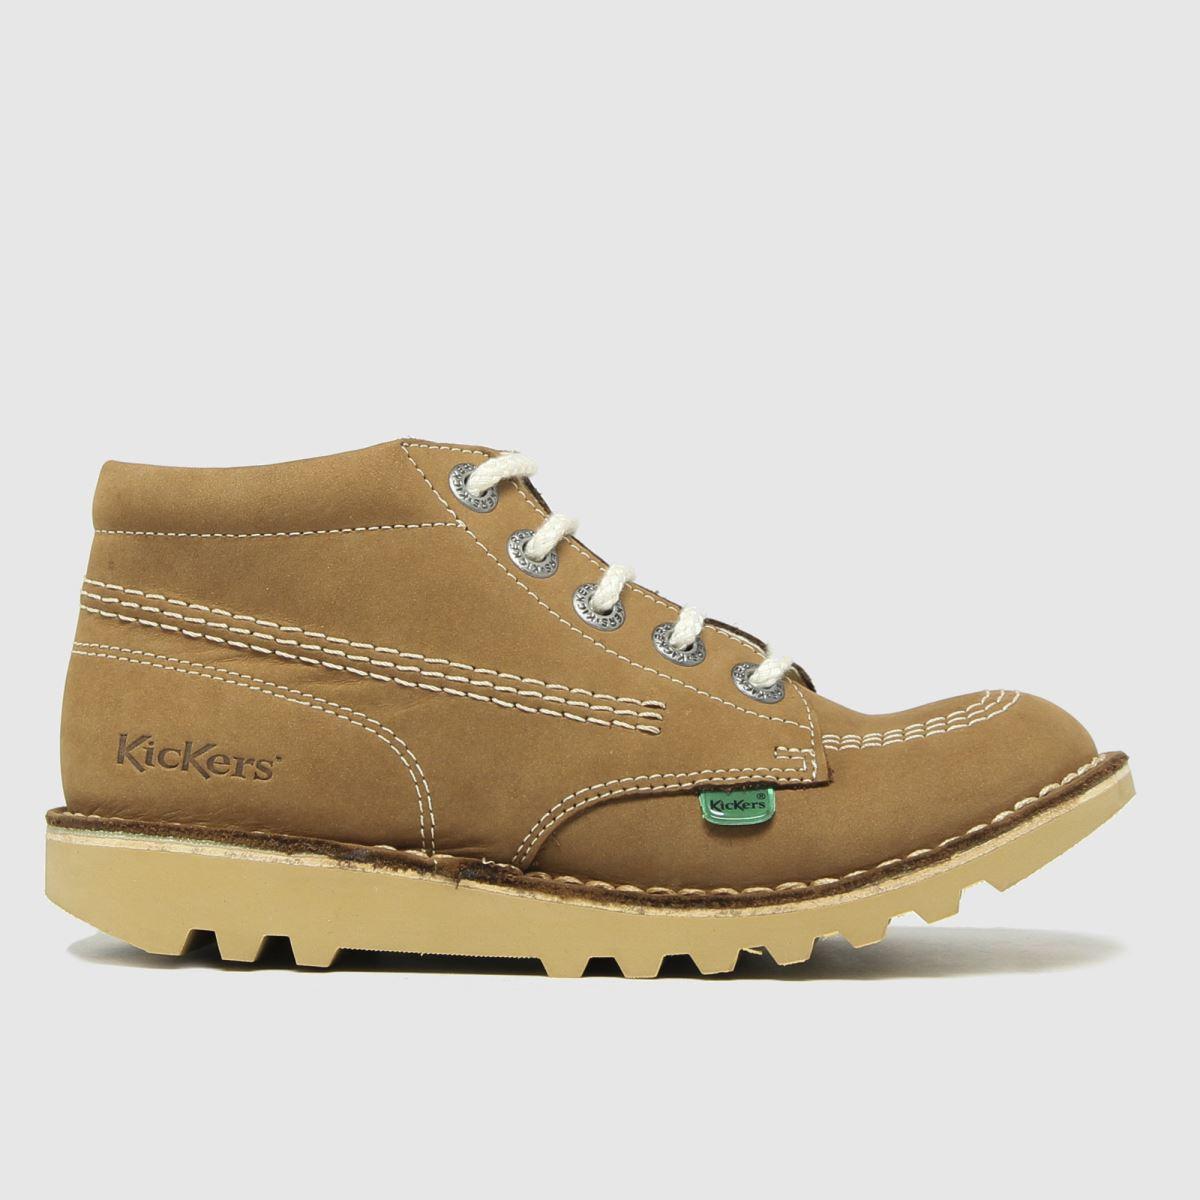 Kickers Tan Hi Zip Lthr Boots Junior